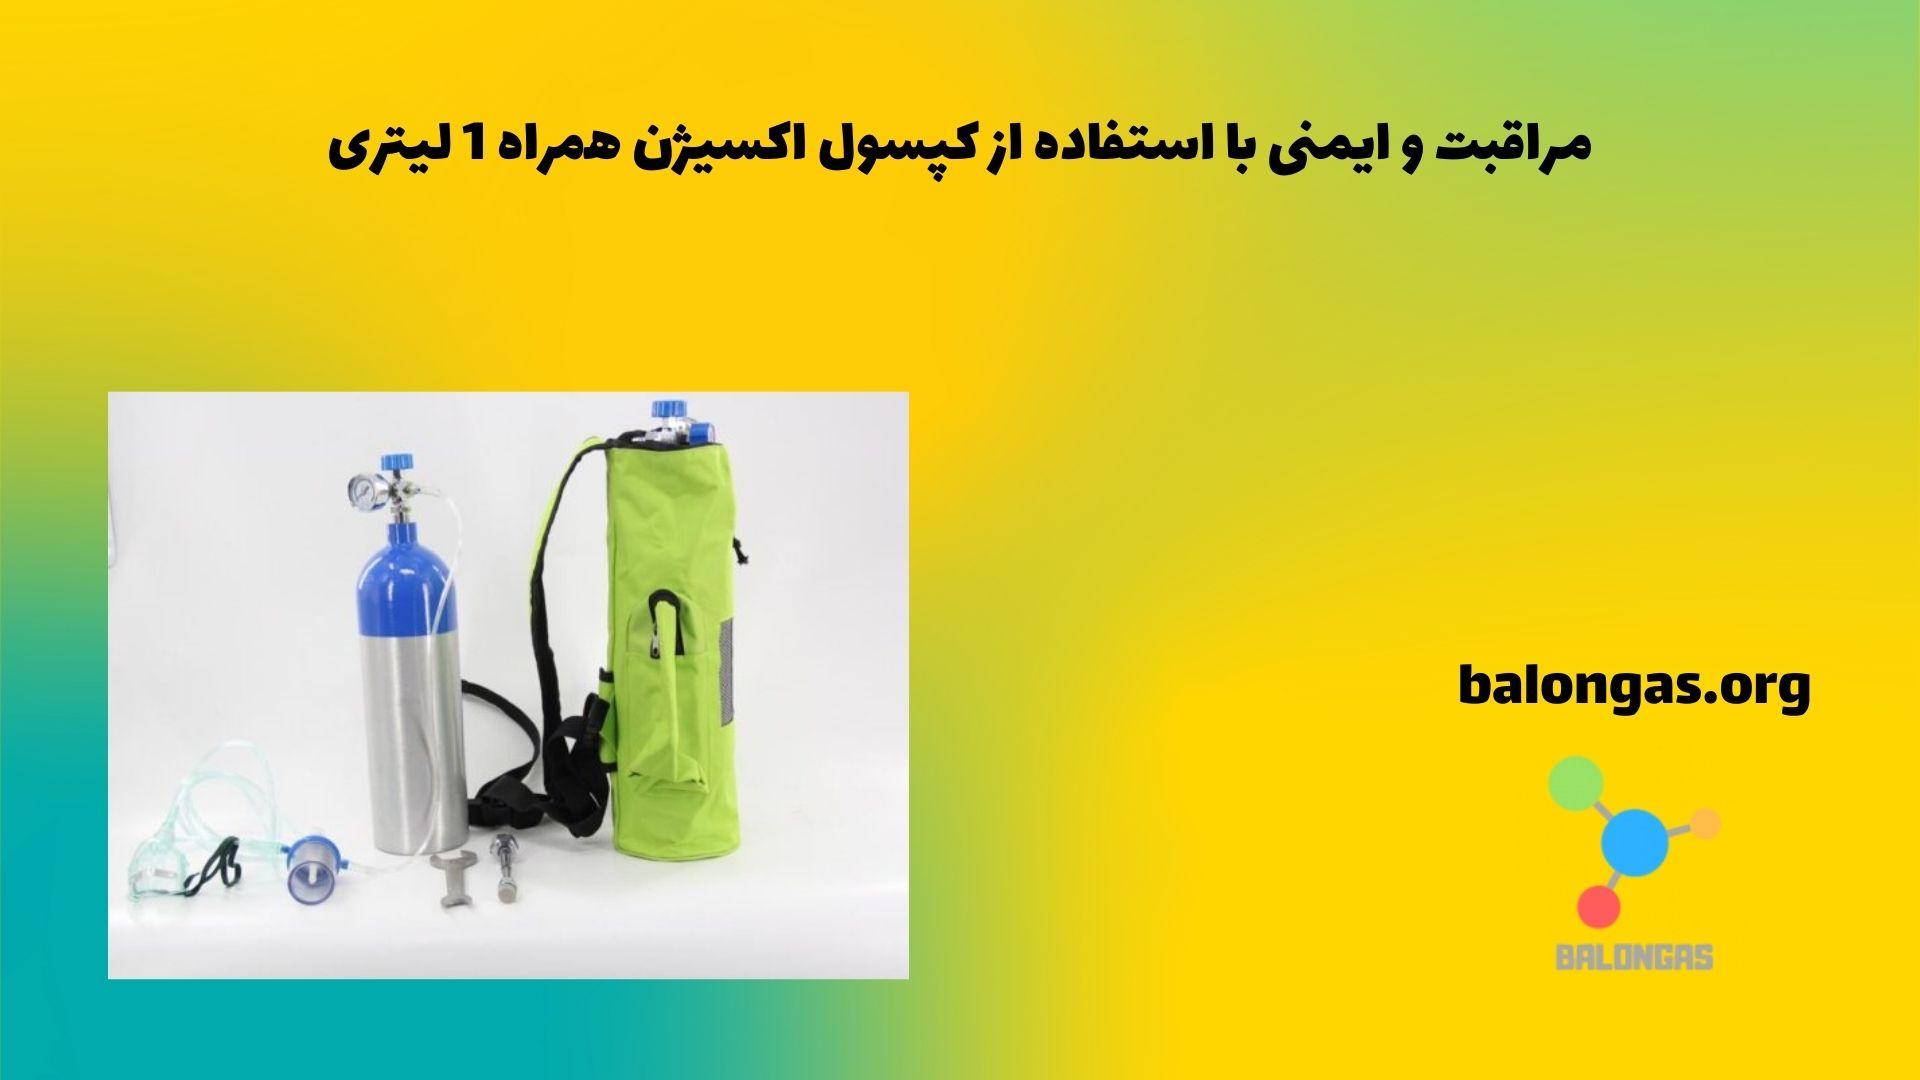 مراقبت و ایمنی با استفاده از کپسول اکسیژن همراه 1 لیتری